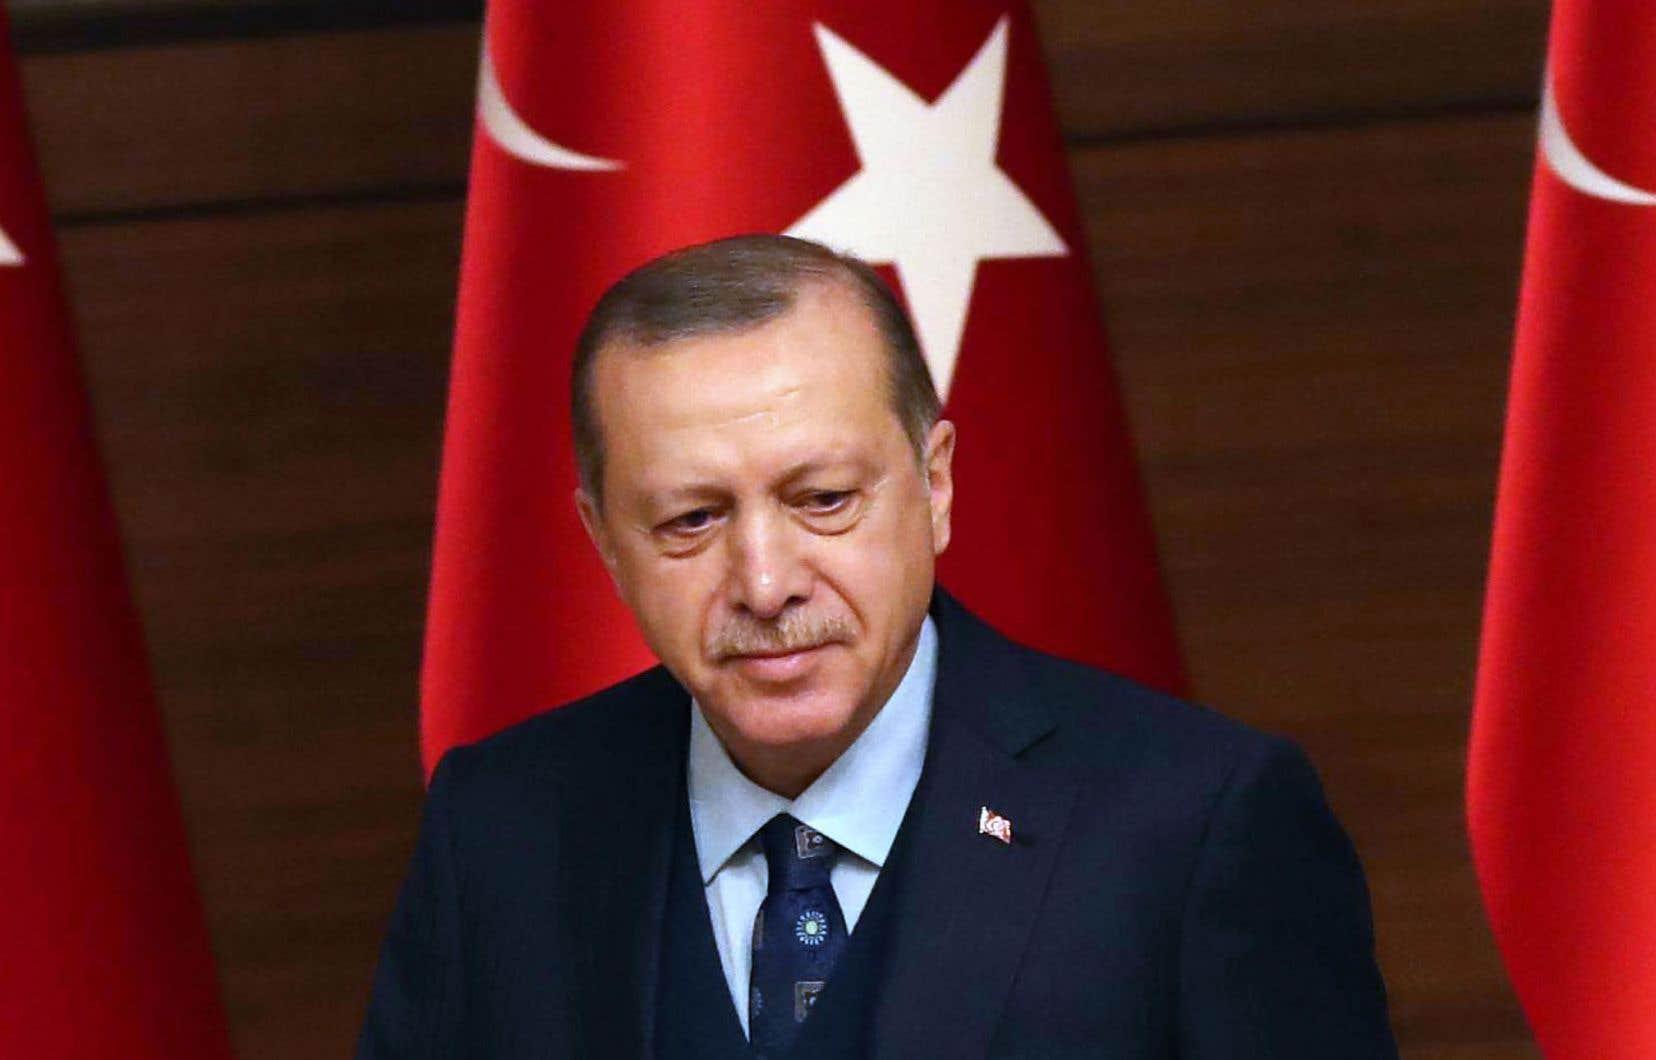 Le président turc, Recep Tayyip Erdogan, fera tout pour asseoir encore plus solidement son pouvoir.